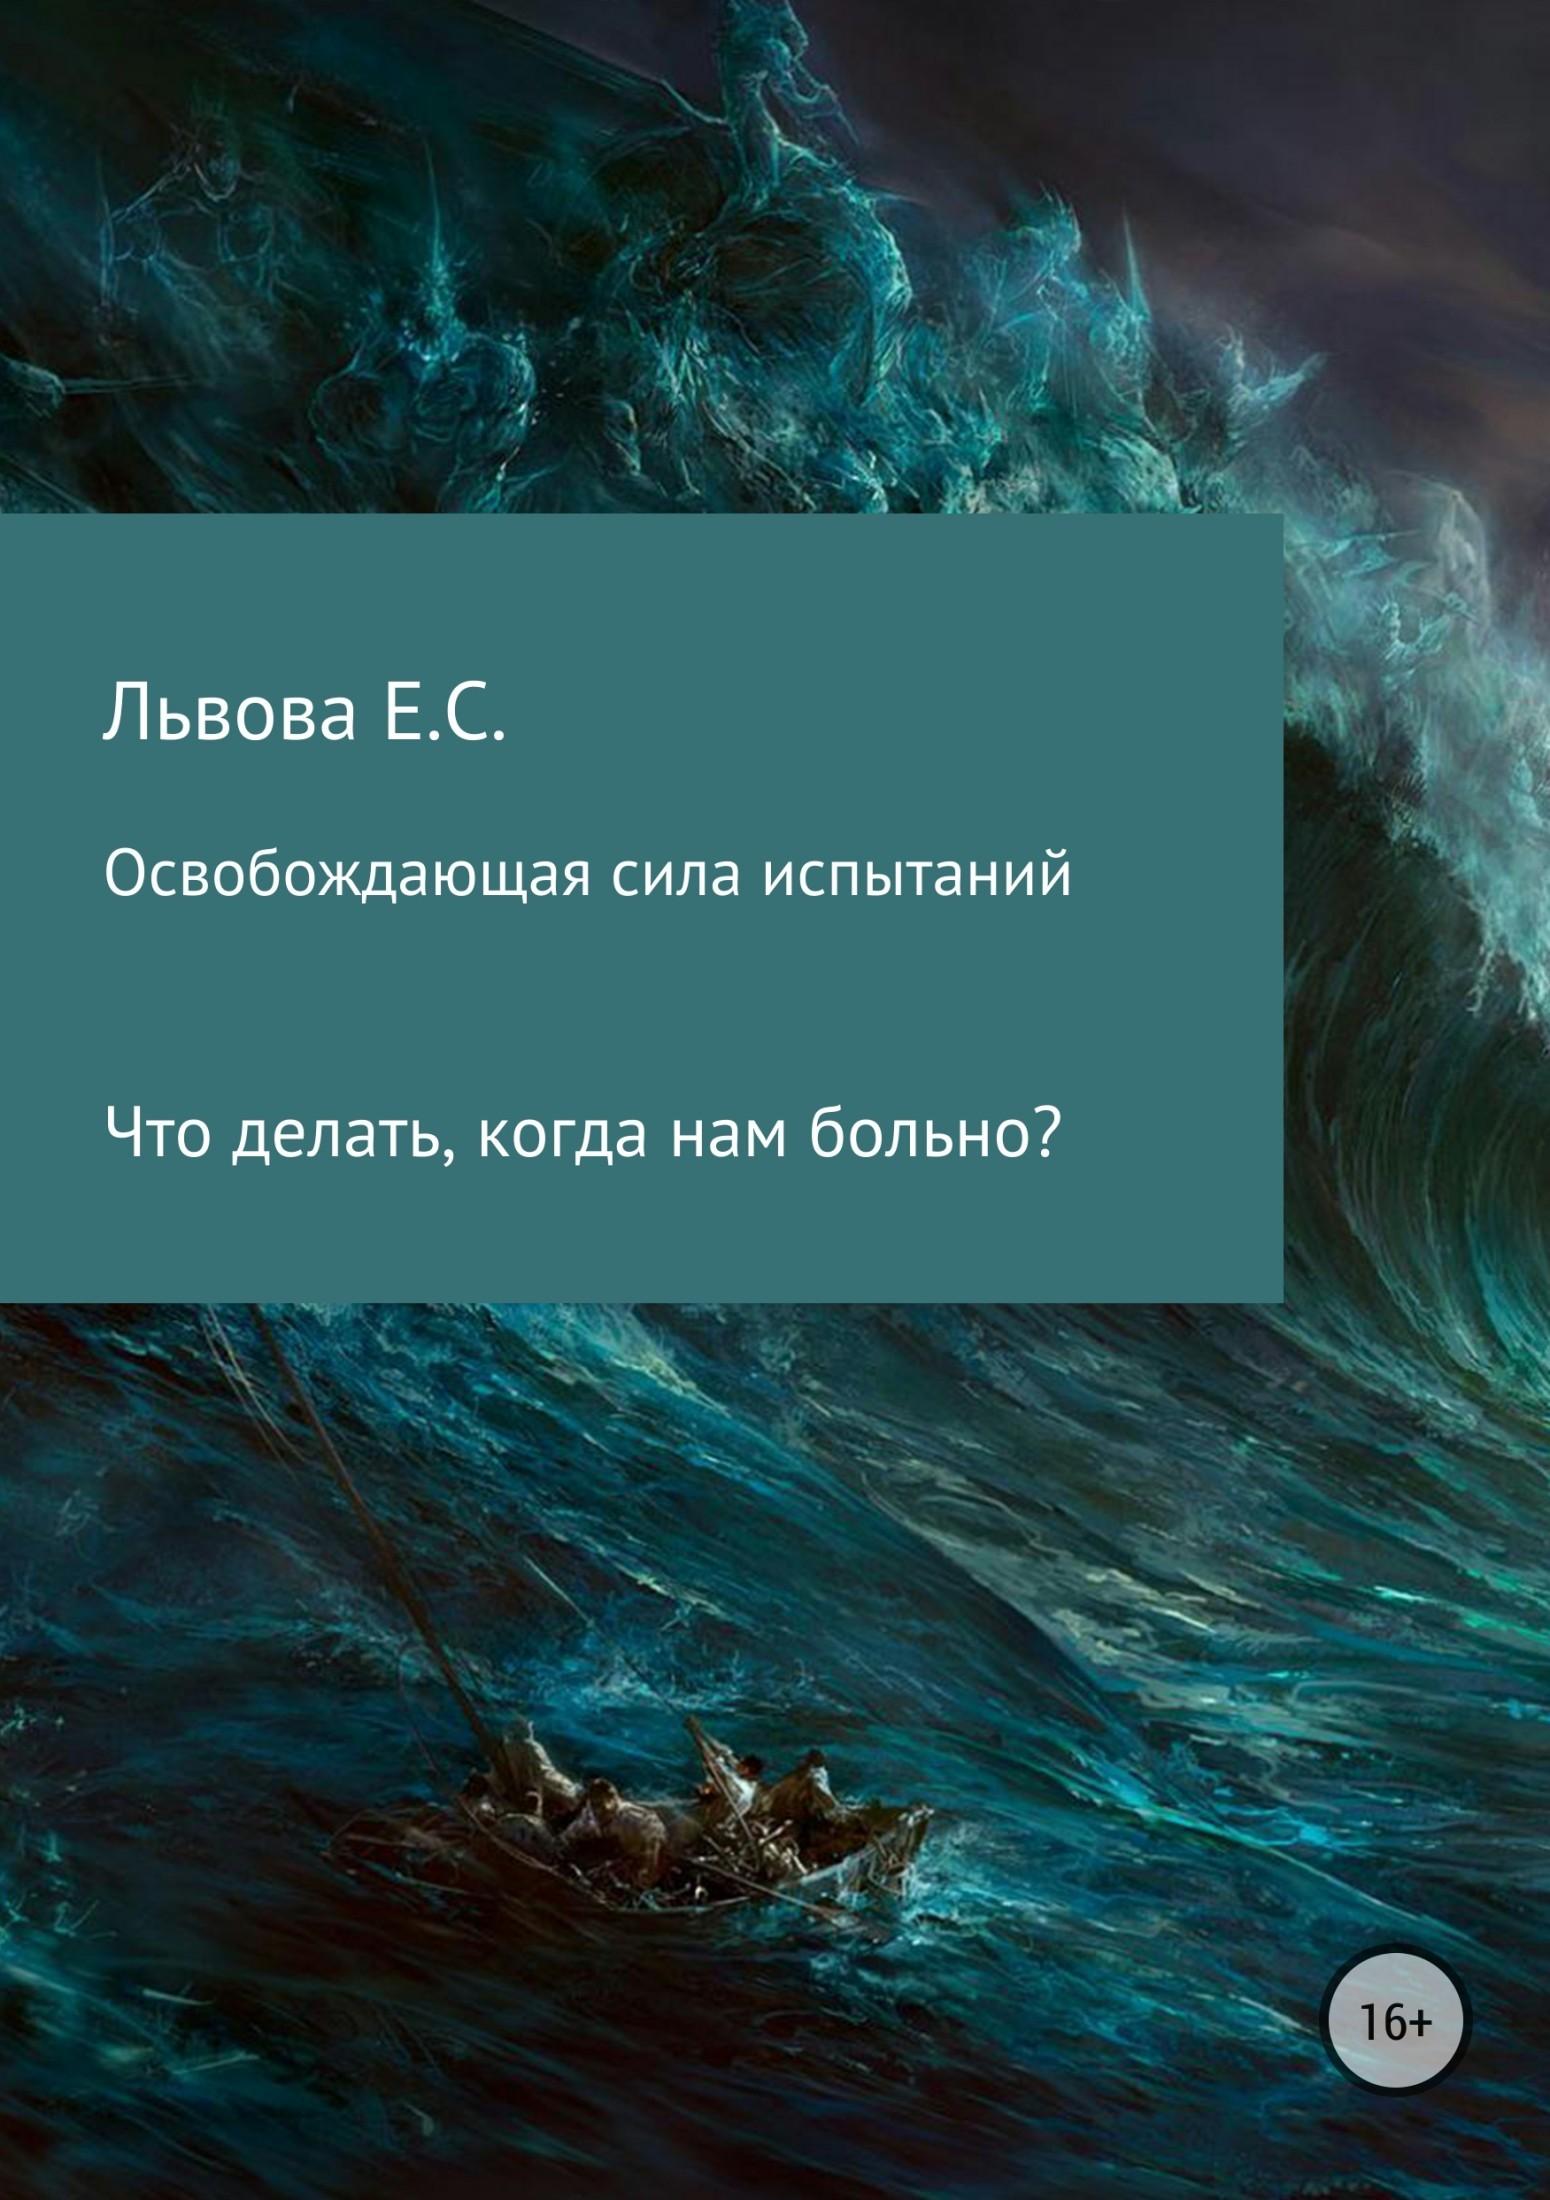 Елена Сергеевна Львова. Освобождающая сила испытаний